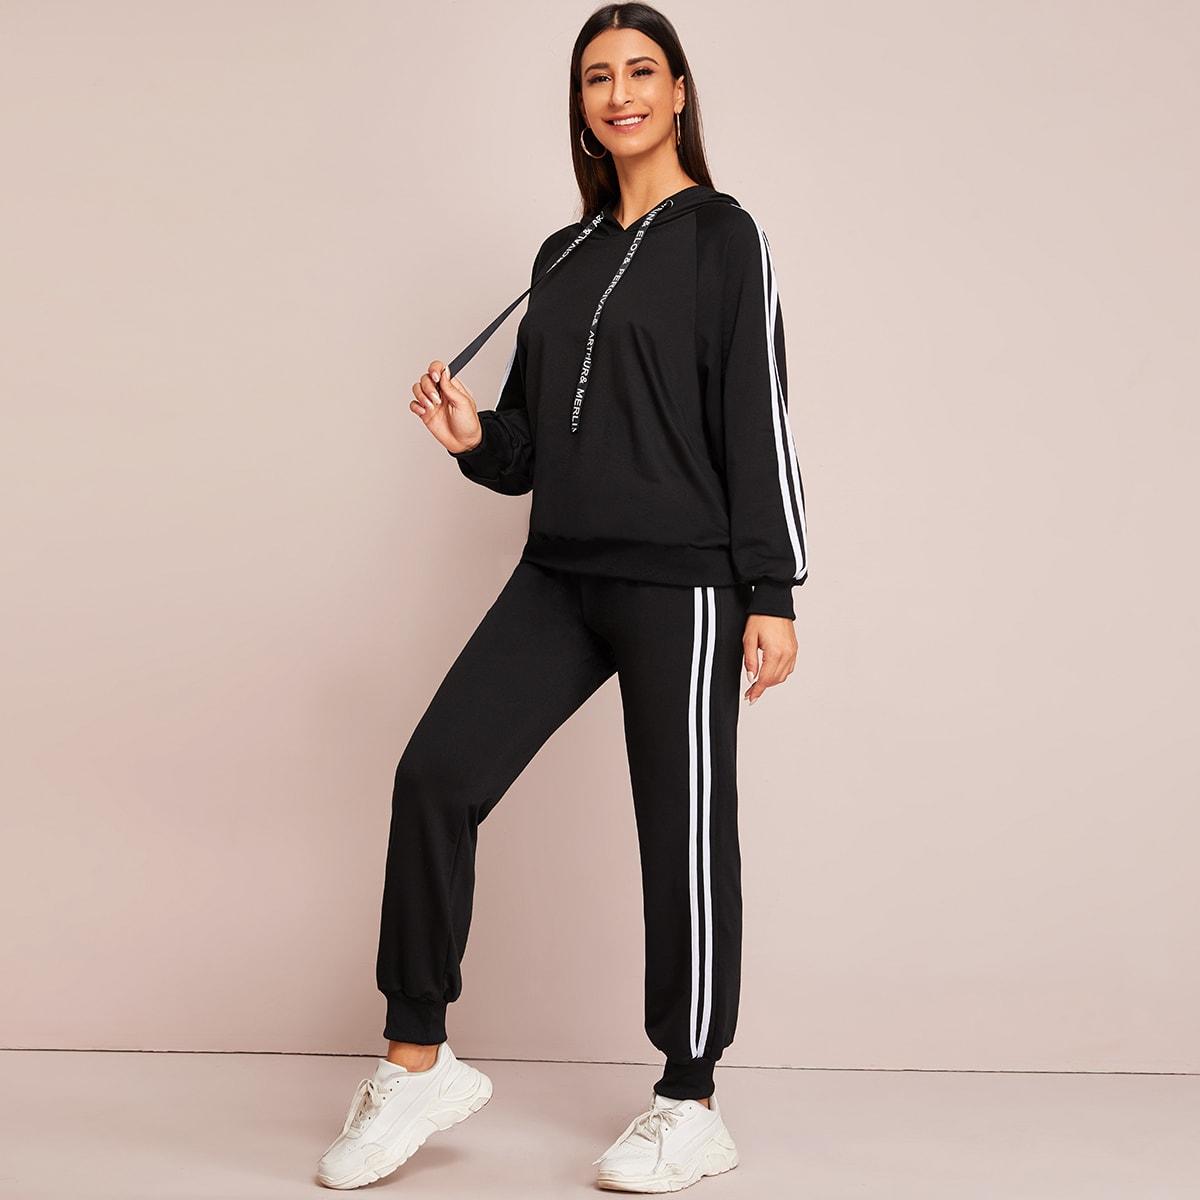 Спортивные брюки и толстовка с текстовым принтом и полосками от SHEIN